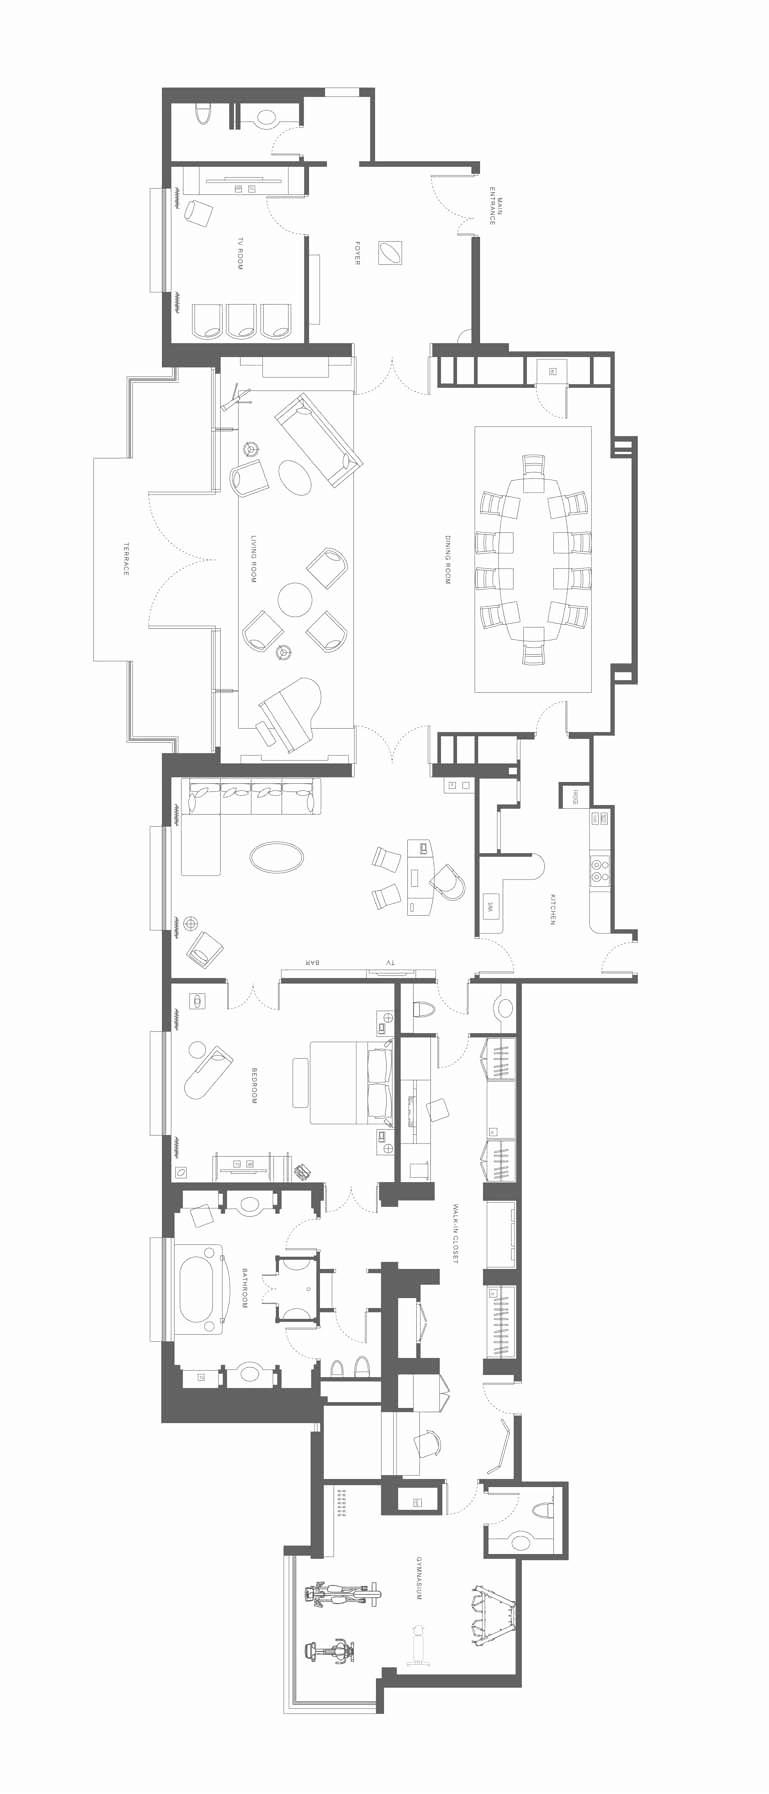 重新装修后的香港半岛酒店_Peninsula-Suite-26082.ashx.jpg